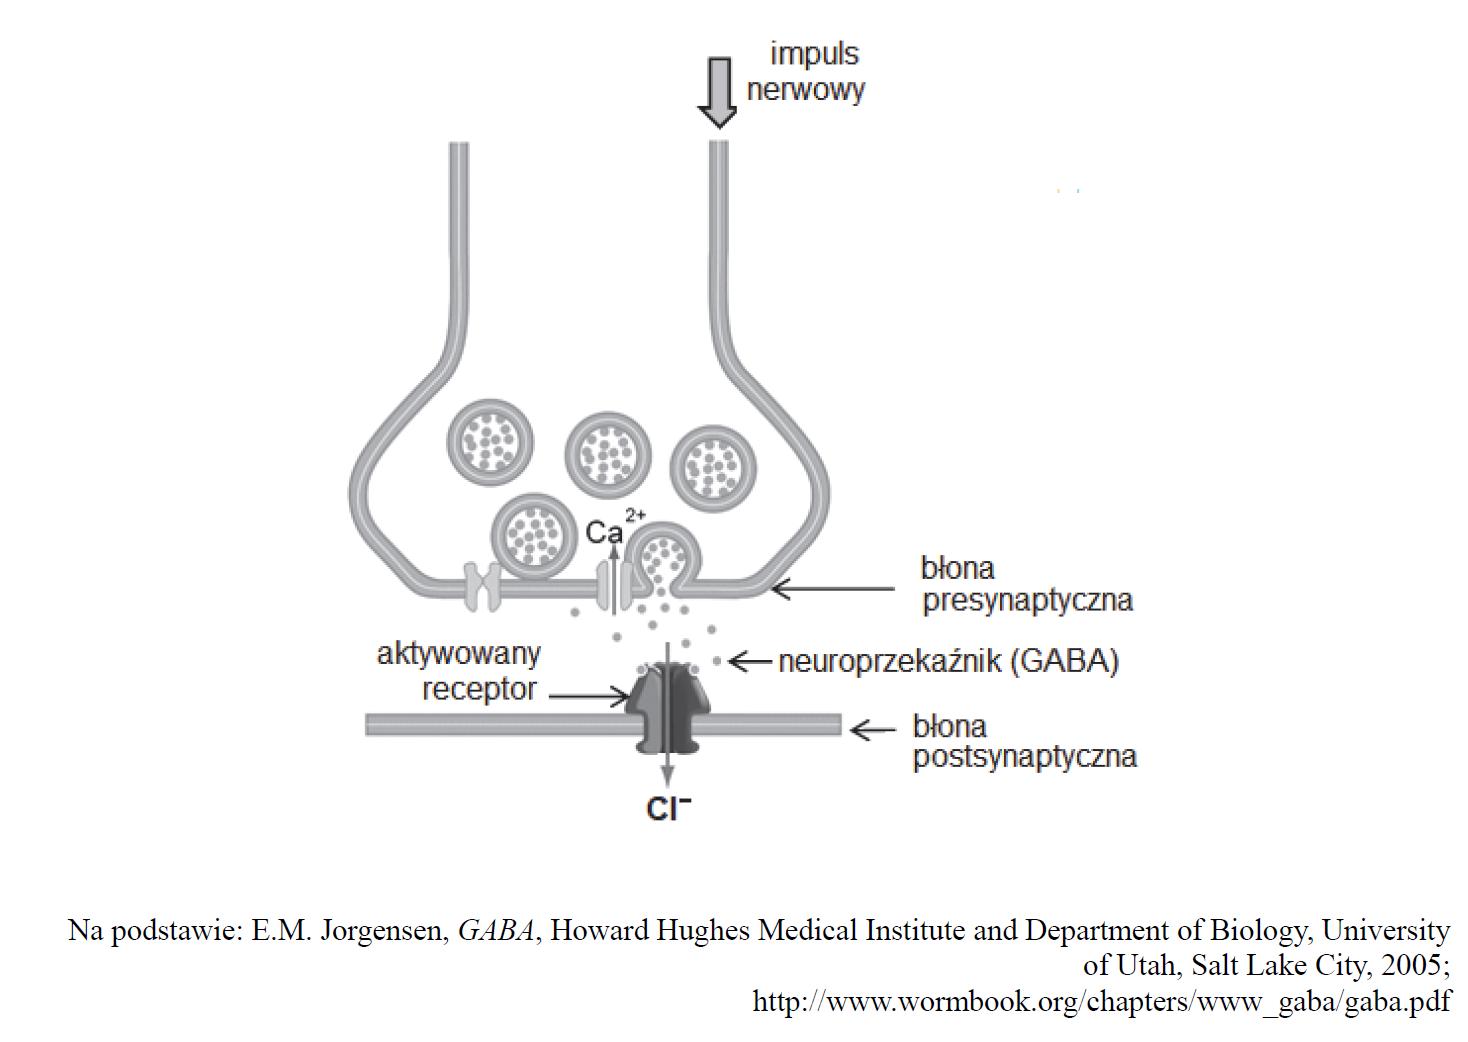 Sposób przekazywania impulsu nerwowego przez synapsę, w której neuroprzekaźnikiem jest kwas ɣ-aminomasłowy (GABA).